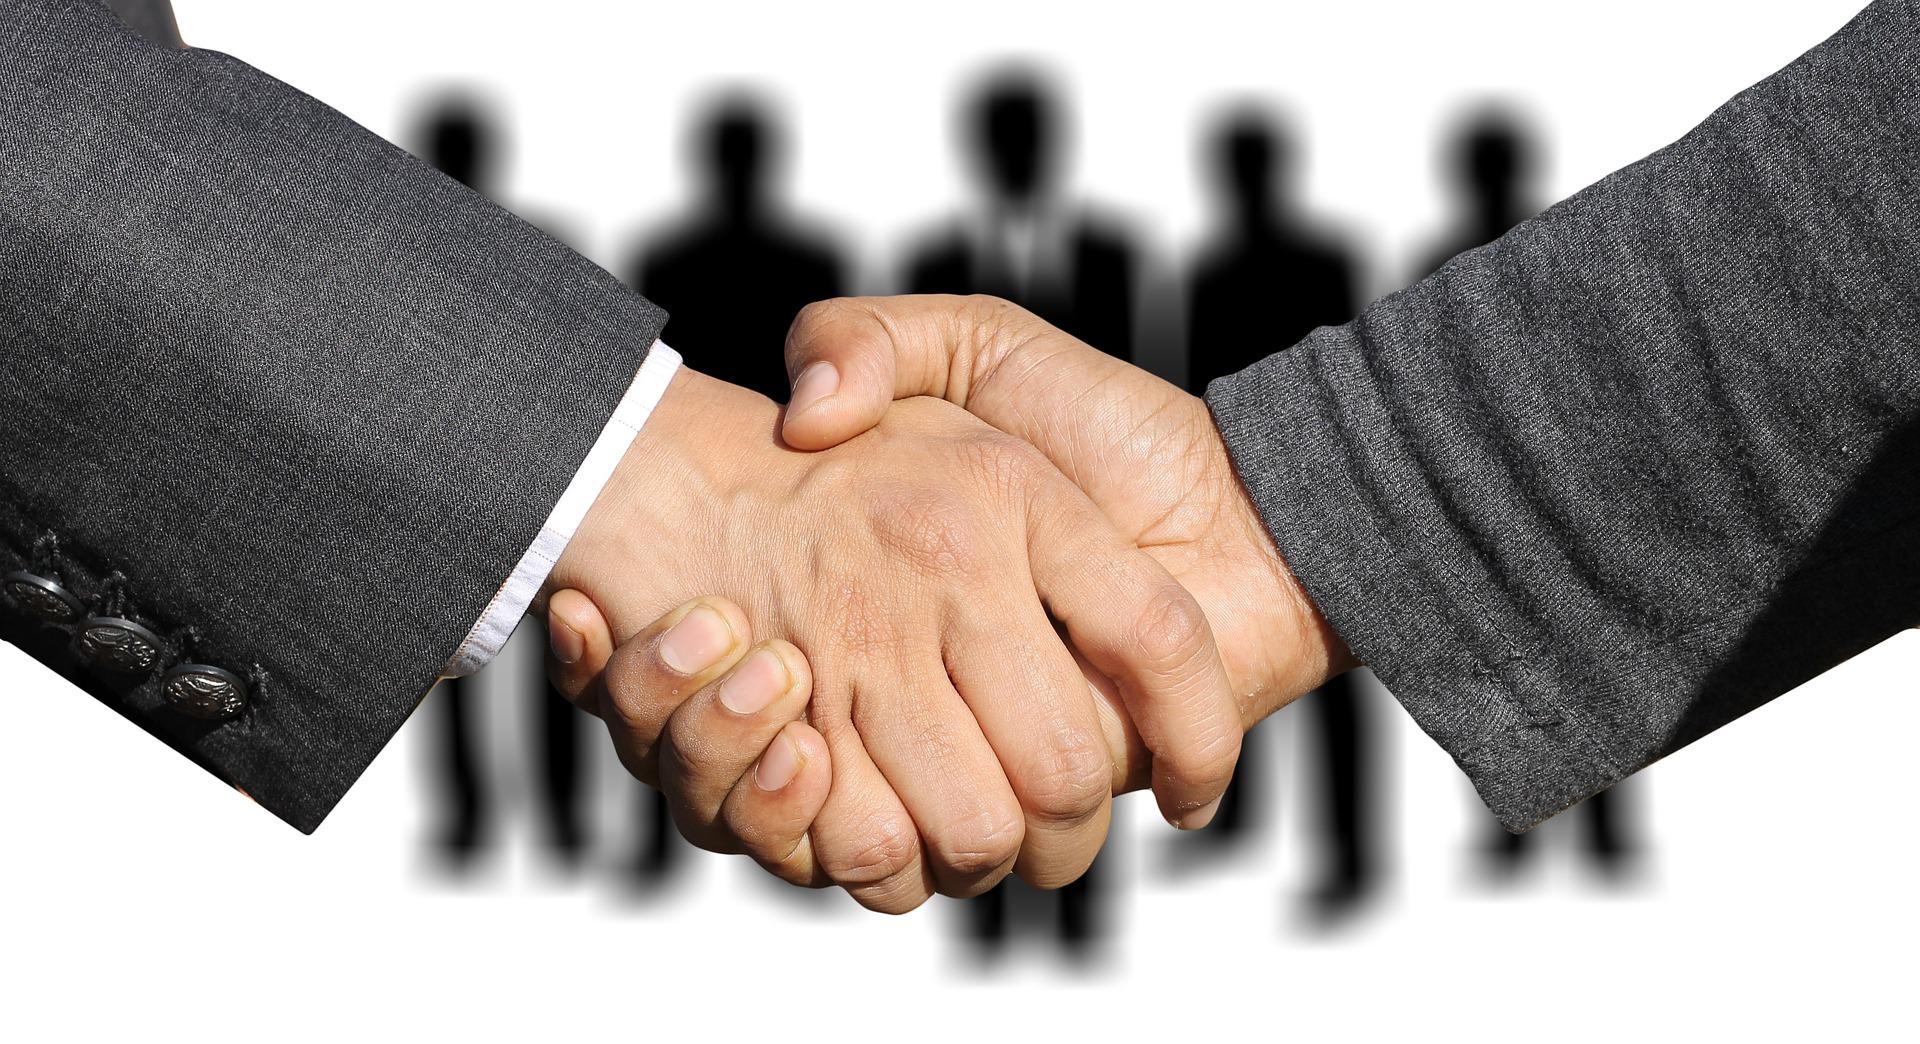 equipo lerma abogados albacete abogadoslerma.com